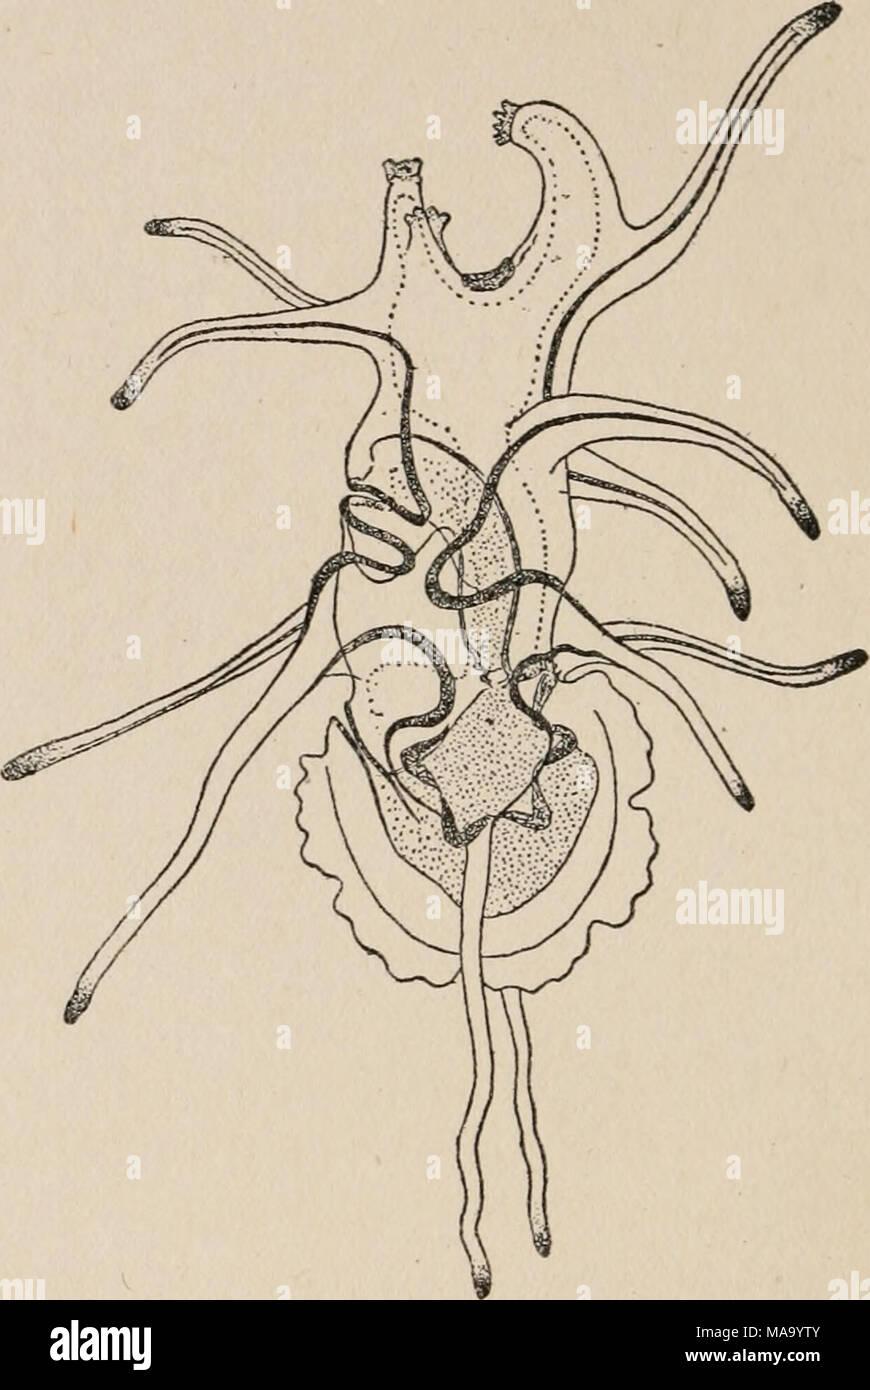 Tolle Bild Des Verdauungstraktes Ideen - Menschliche Anatomie Bilder ...